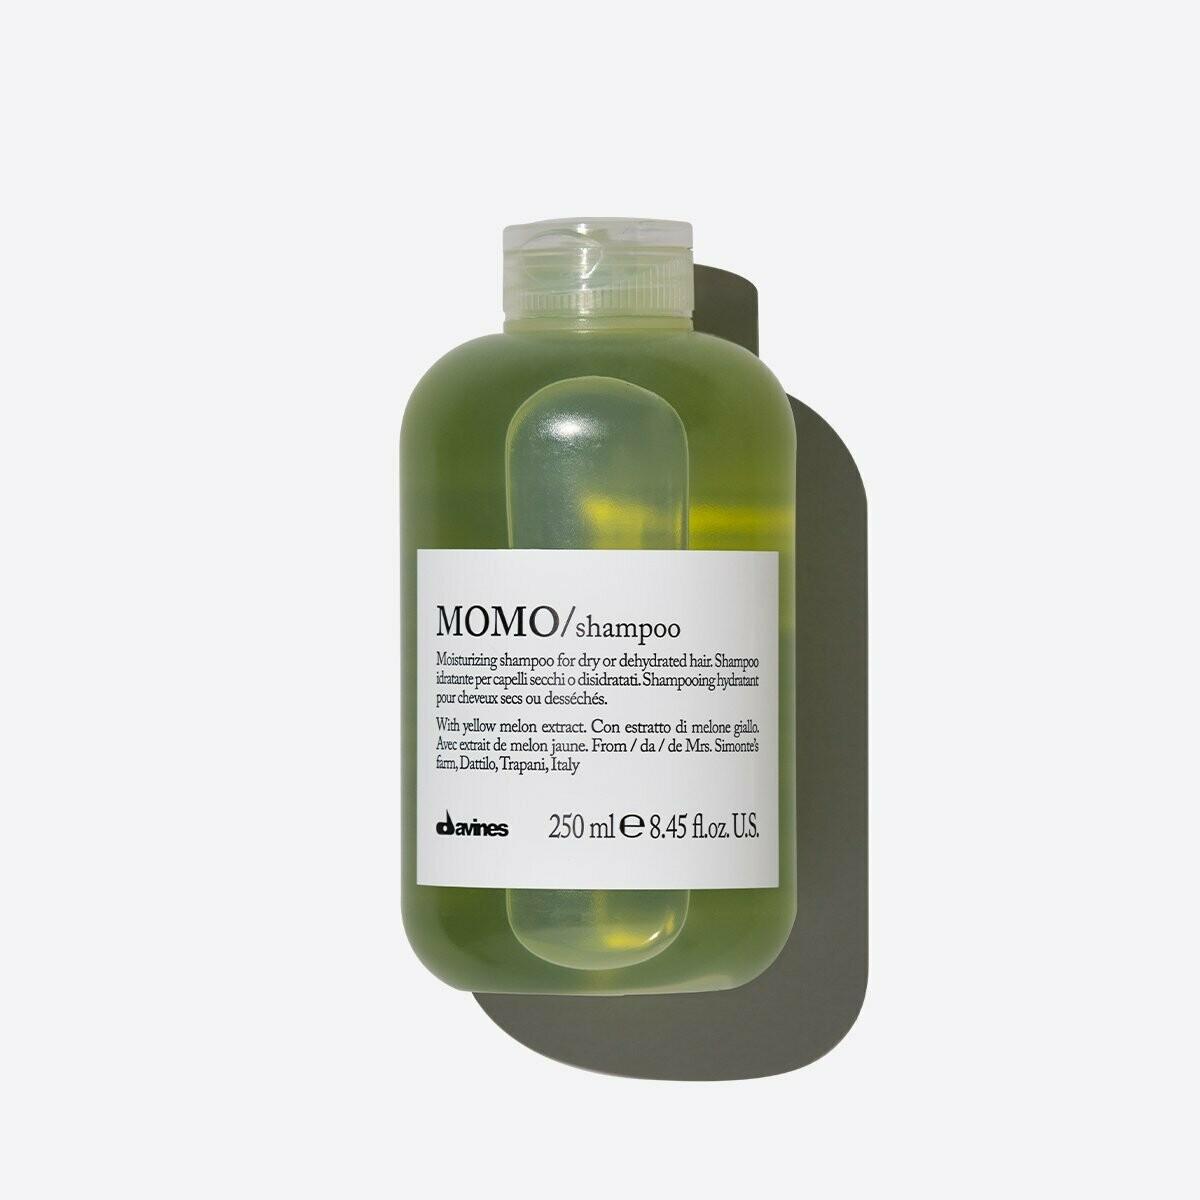 MOMO Shampoo 250 ml